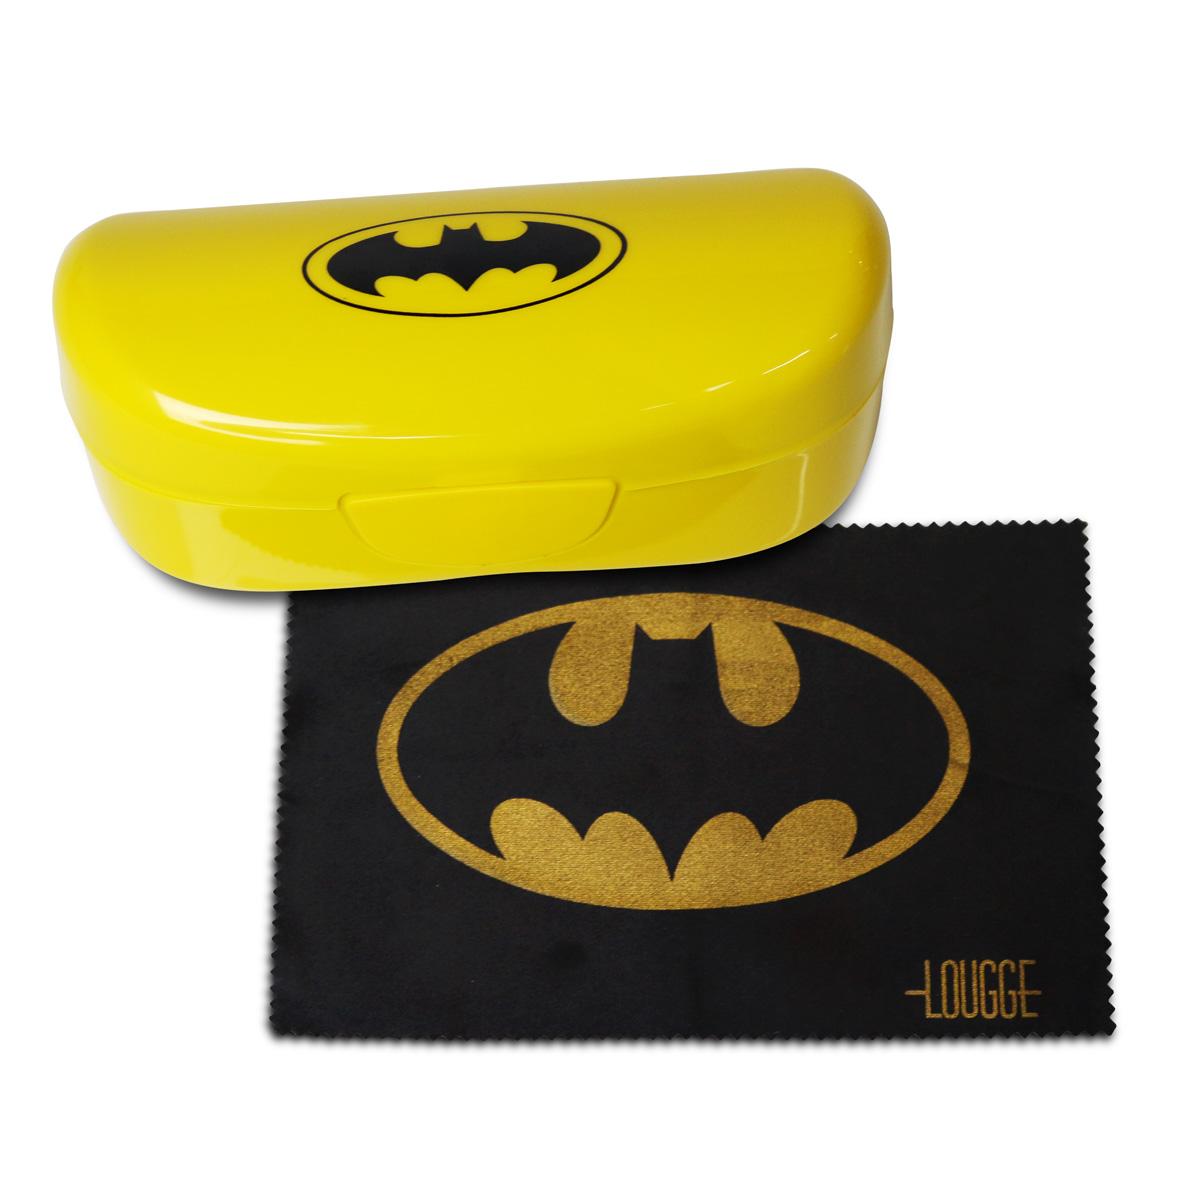 �culos de Sol Batman Infantil Branco